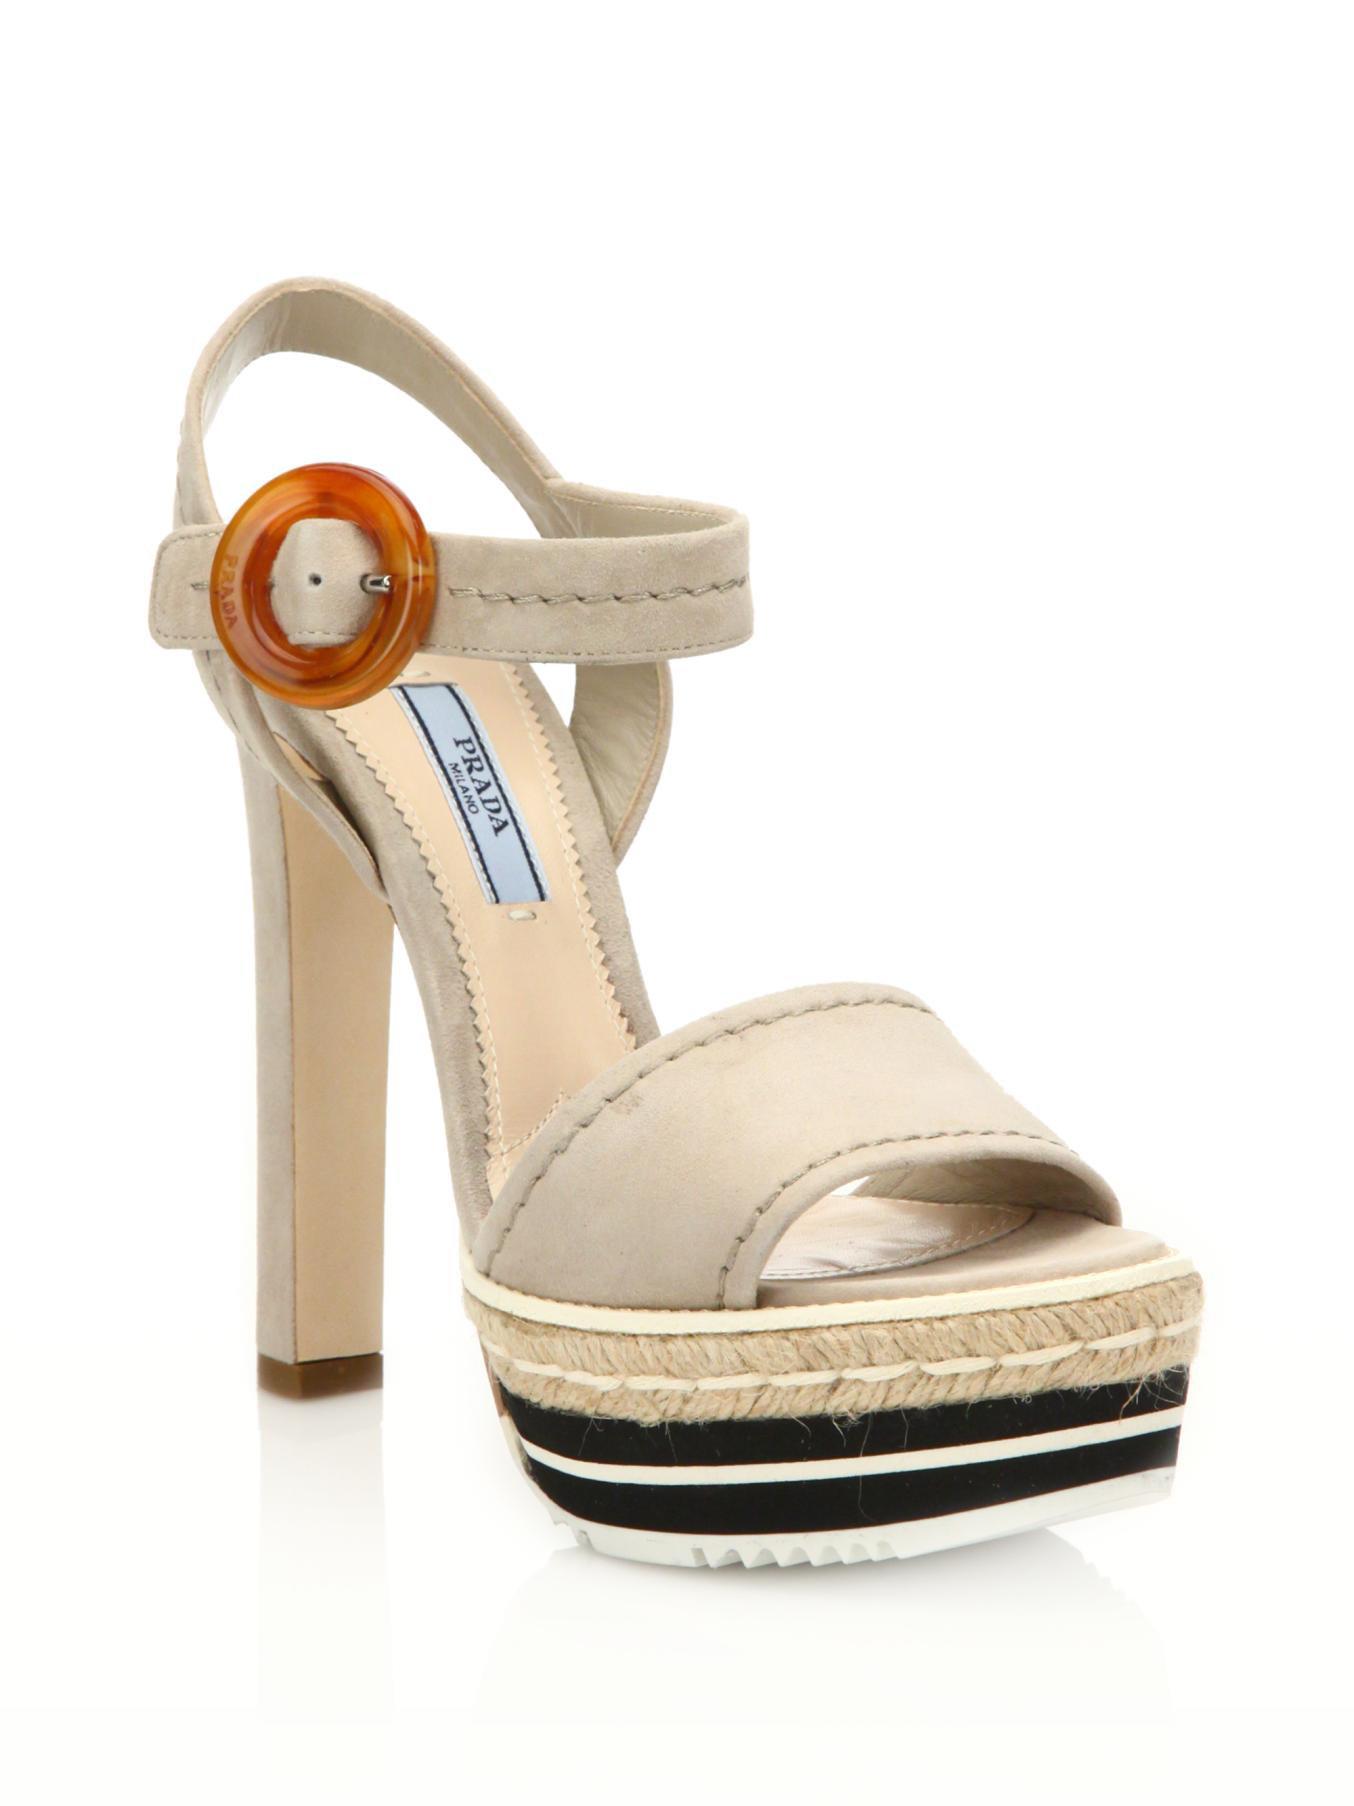 4a8b3a317c15 Lyst - Prada Microsole Suede Platform Sandals in Natural